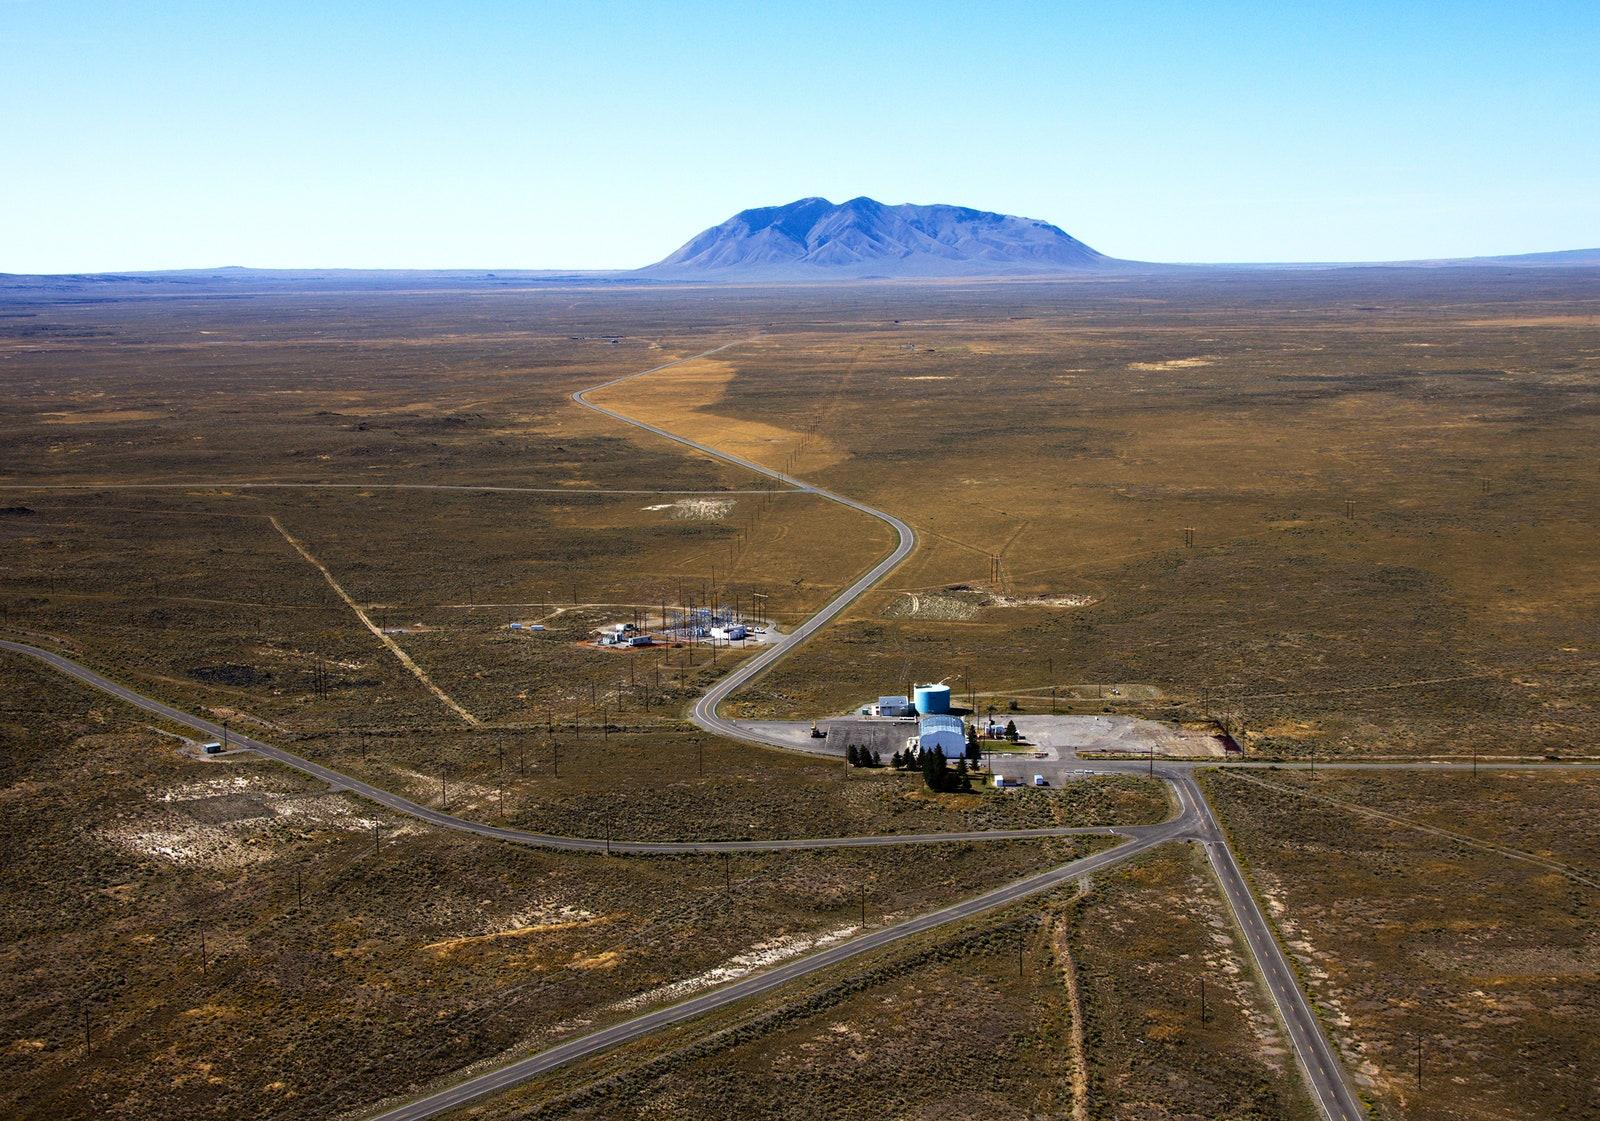 Электрическая подстанция в национальных лабораториях Айдахо, на испытательном полигоне площадью 2300 кв.км.